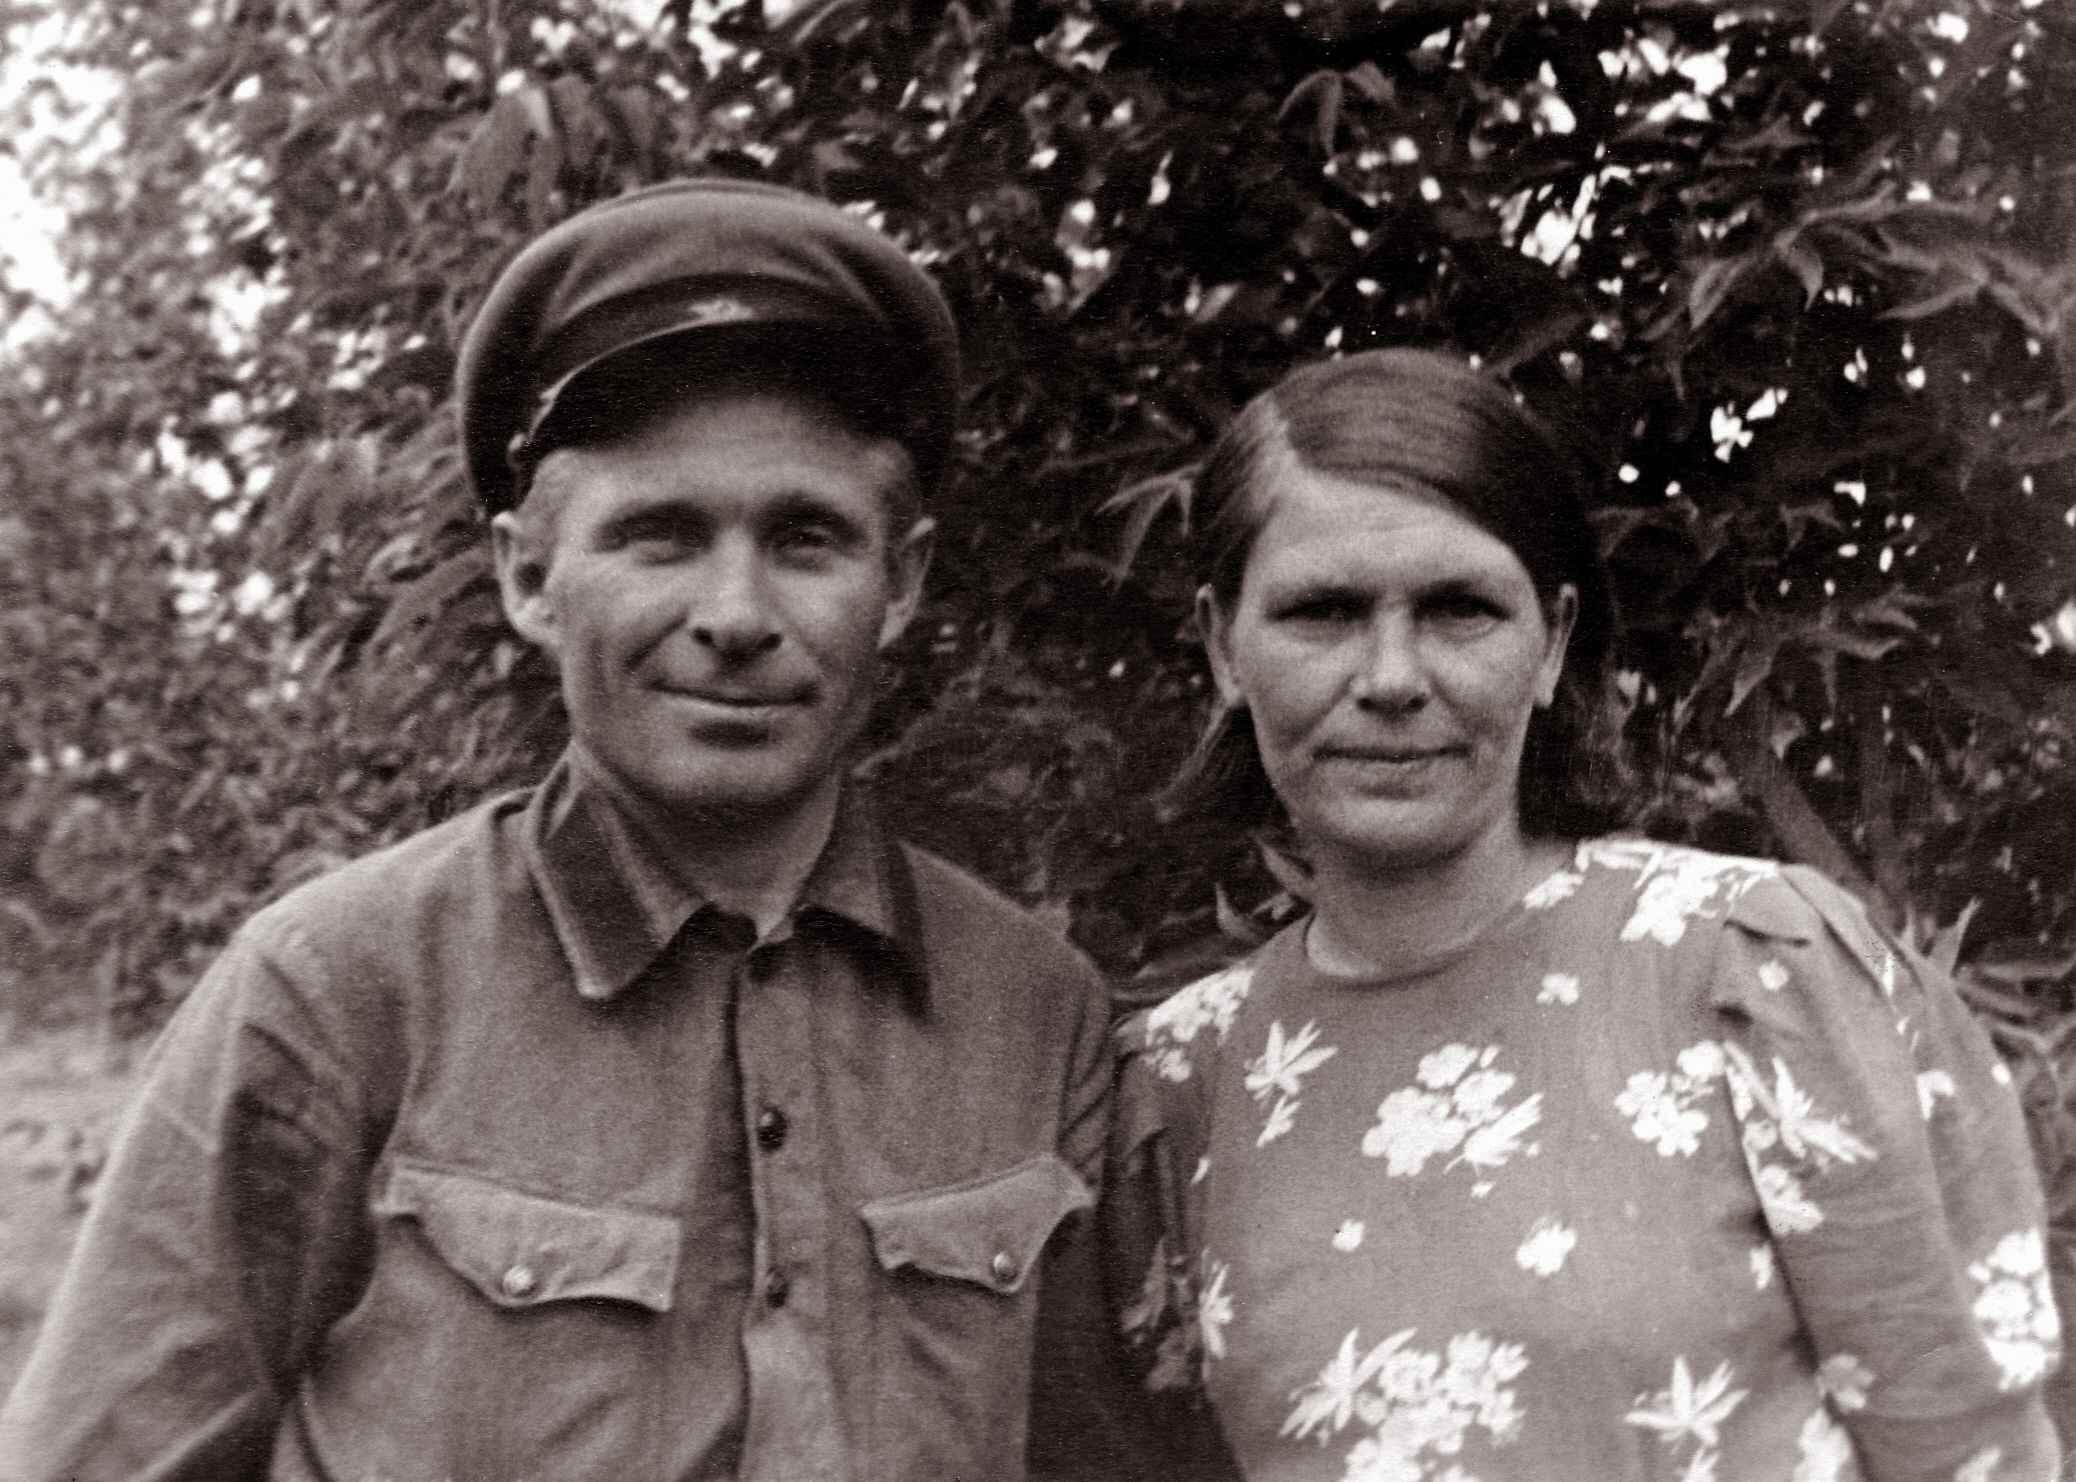 Экспонат #43. Юлий Владиславович и Анна Федоровна Микоши. Долинка. 30-е годы